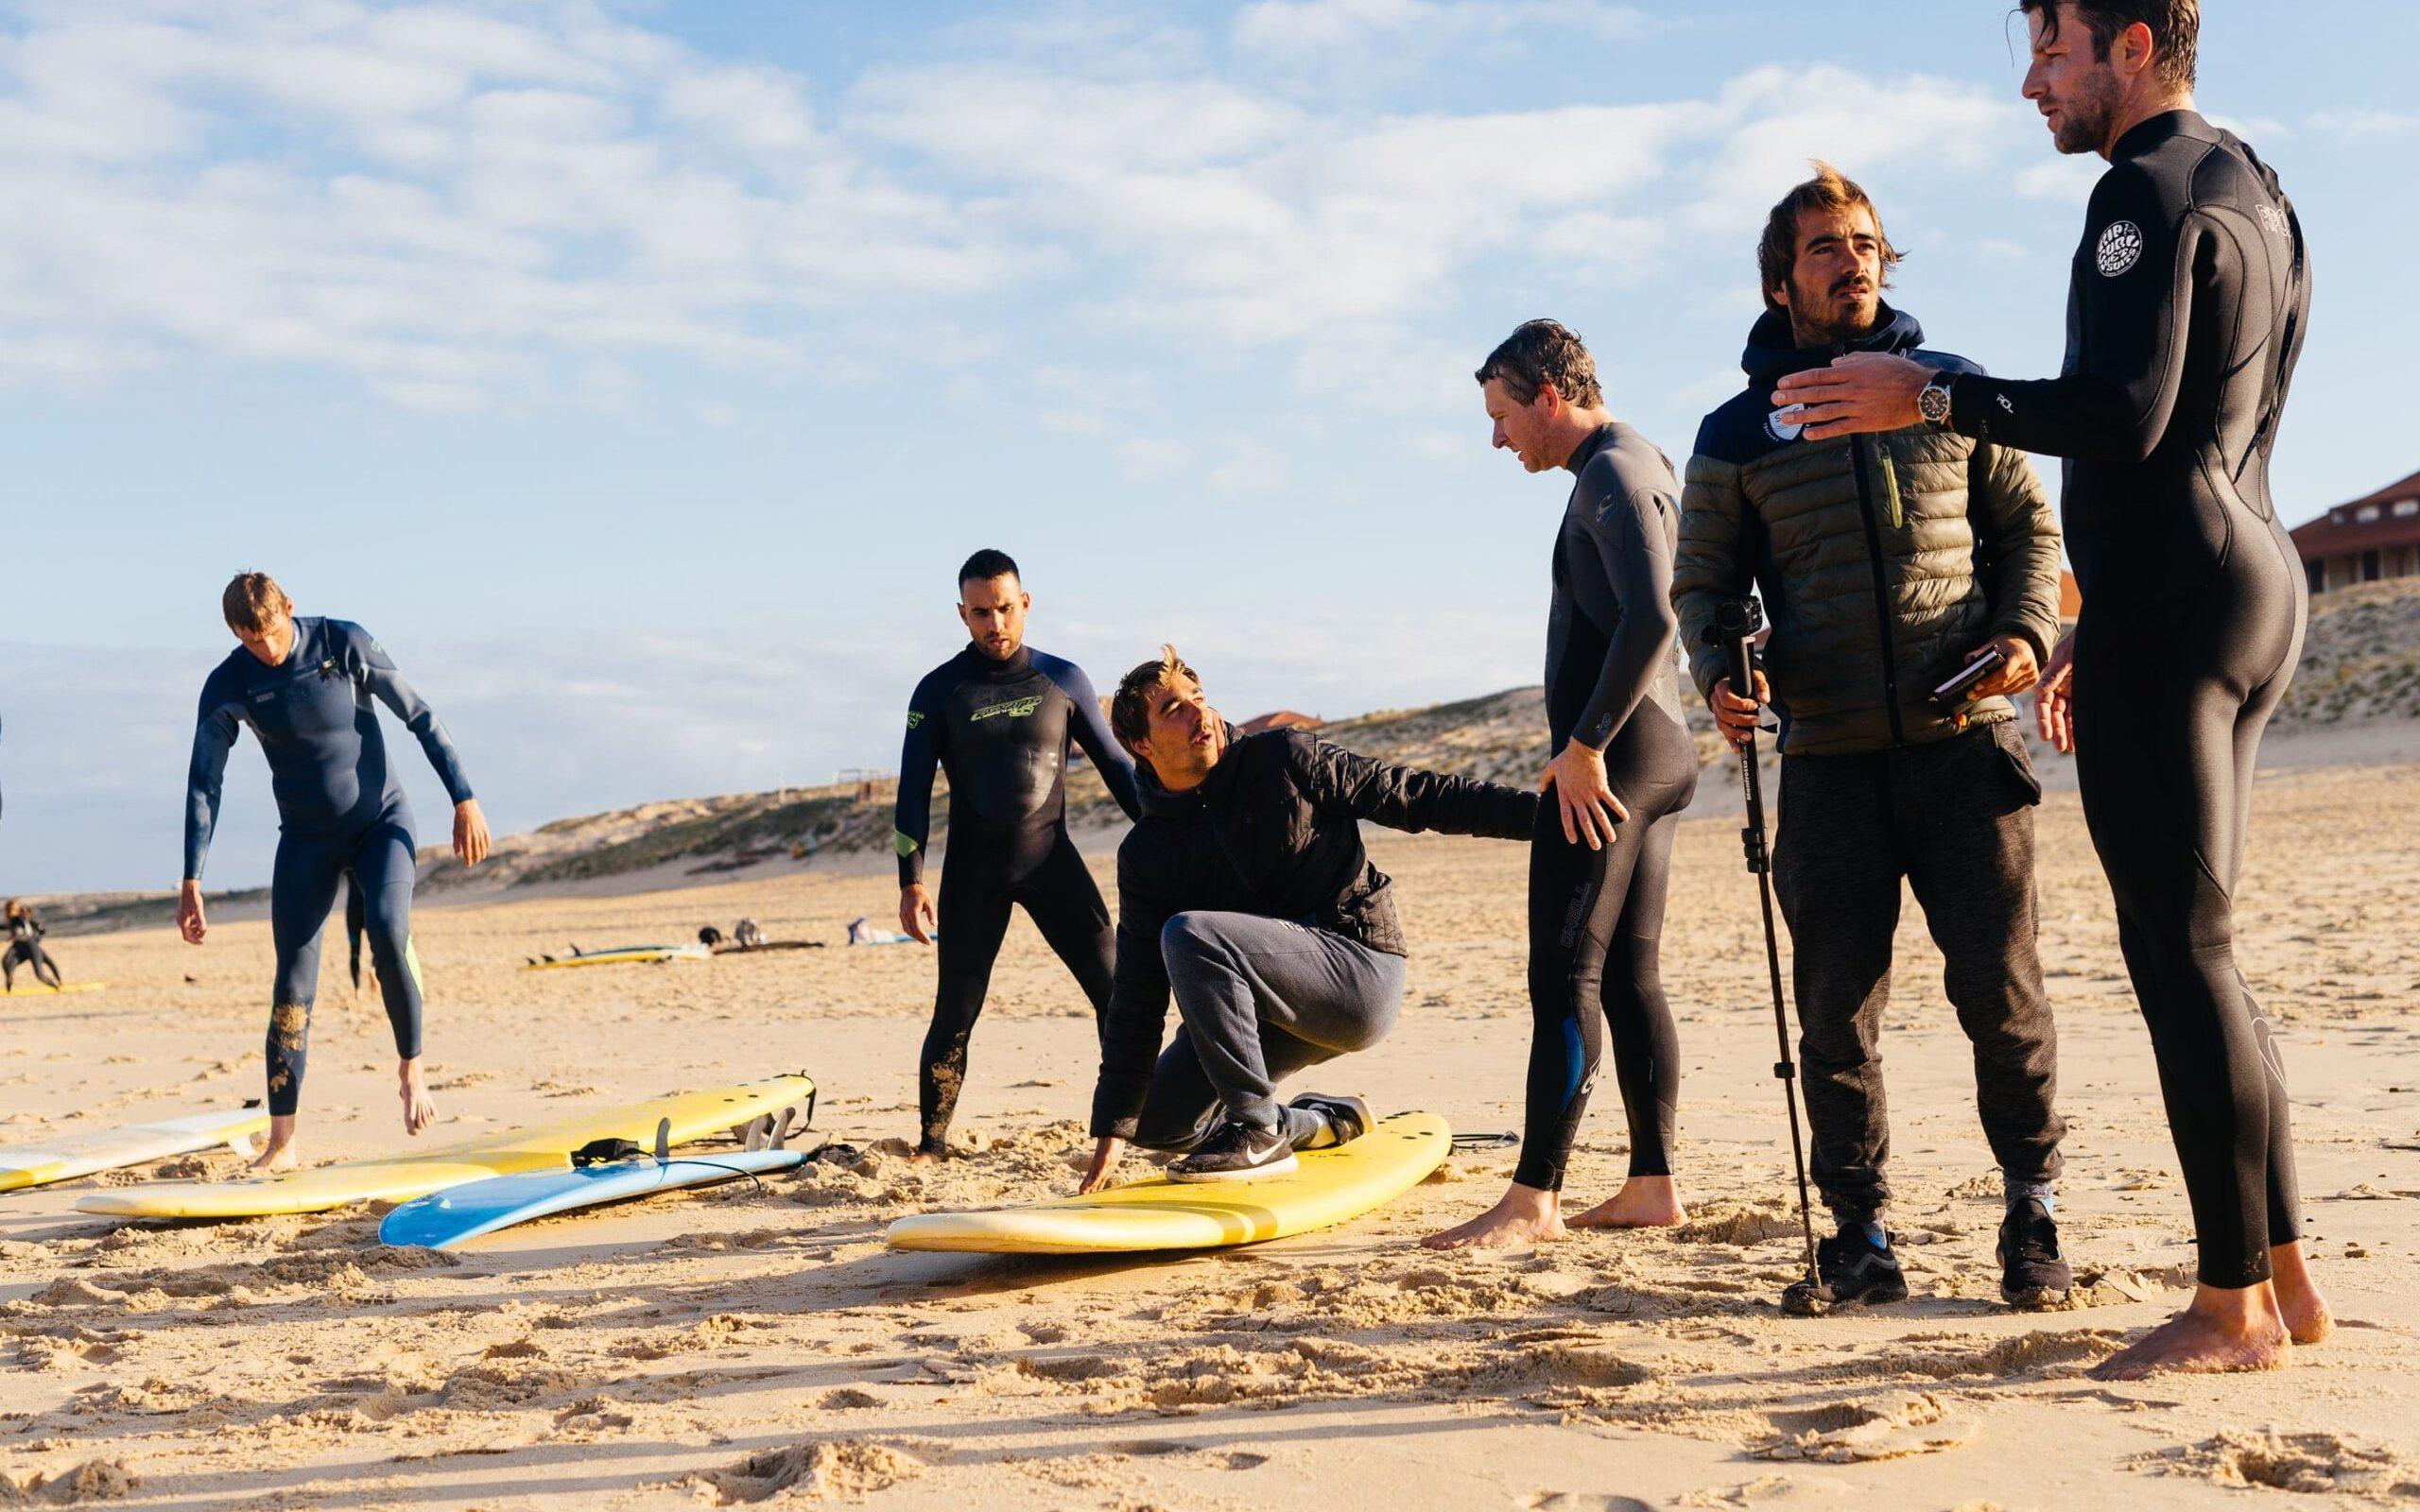 Surfcoaching met video camera op het strand in Frankrijk